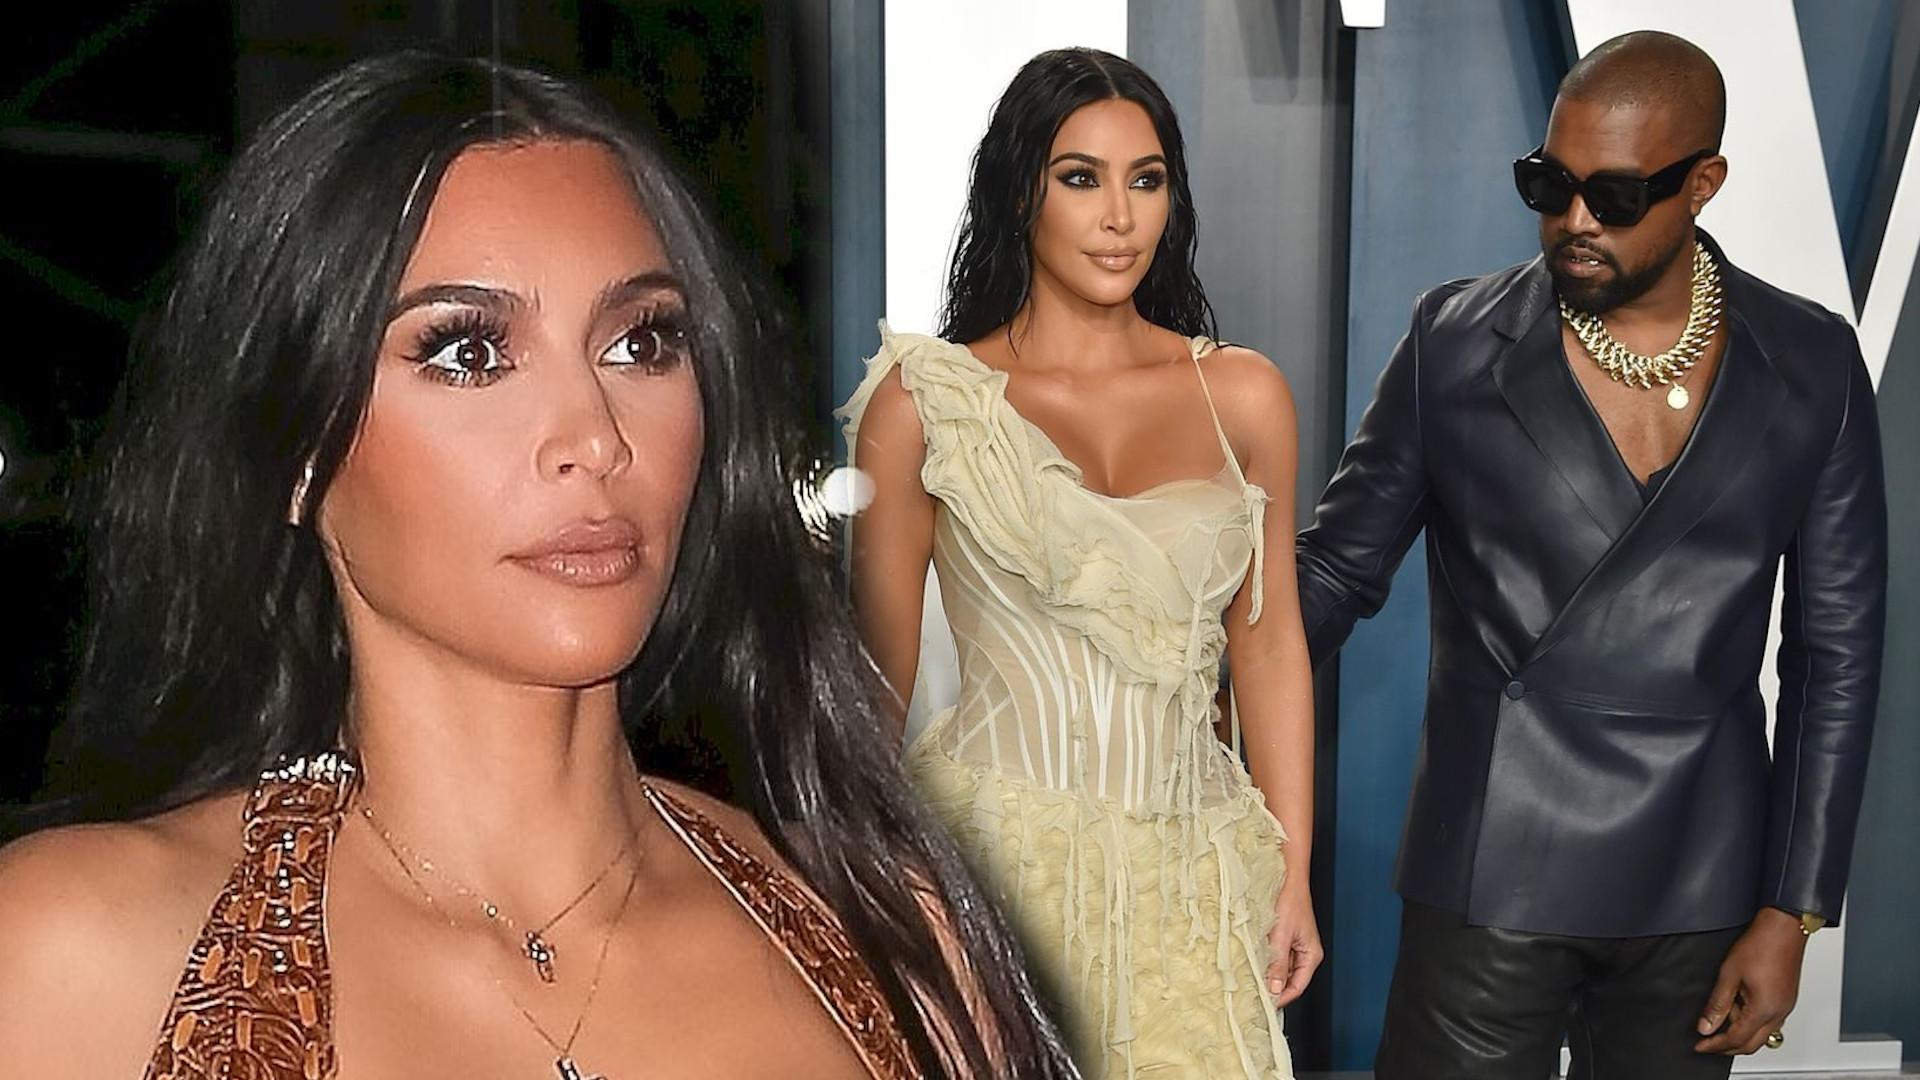 Informator zdradza, co Kim Kardashian myśli o romansie Kanye Westa z Iriną Shayk